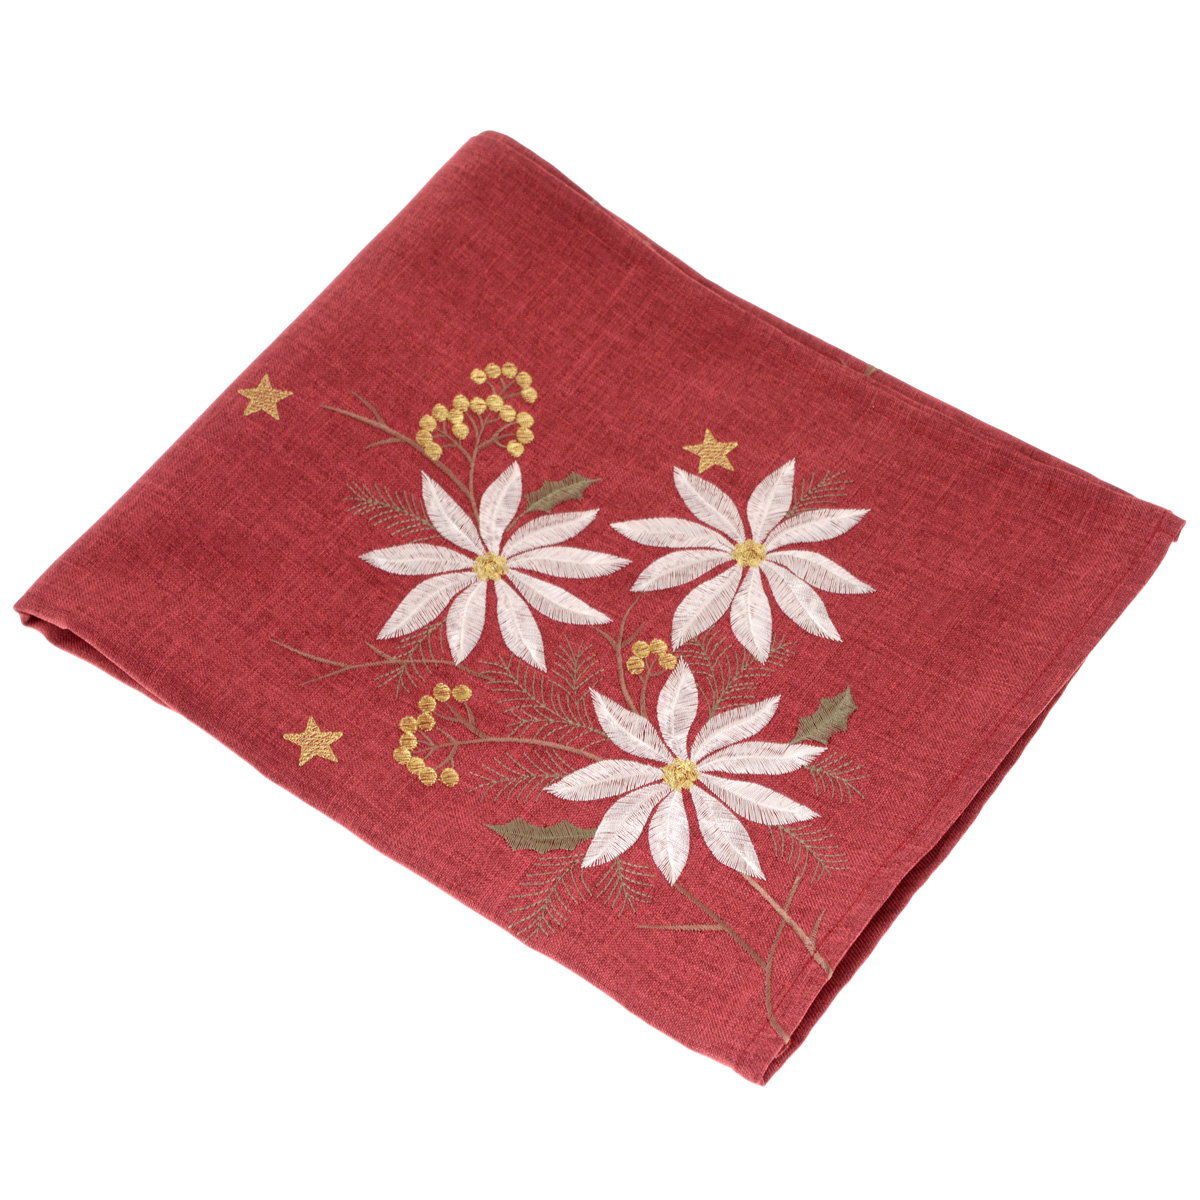 Скатерть Schaefer, квадратная, цвет: бордовый, 85x 85 см. 07160-10007160-100Скатерть Schaefer выполнена из высококачественного полиэстера и декорирована серебристо-золотистой цветочной вышивкой.Изделия из полиэстера легко стирать: они не мнутся, не садятся и быстро сохнут, они более долговечны, чем изделия из натуральных волокон. Вы можете использовать скатерть для декорирования стола, комода, журнального столика. В любом случае она добавит в ваш дом стиля, изысканности и неповторимости.Идеальный вариант для подарка вашим друзьям и близким.